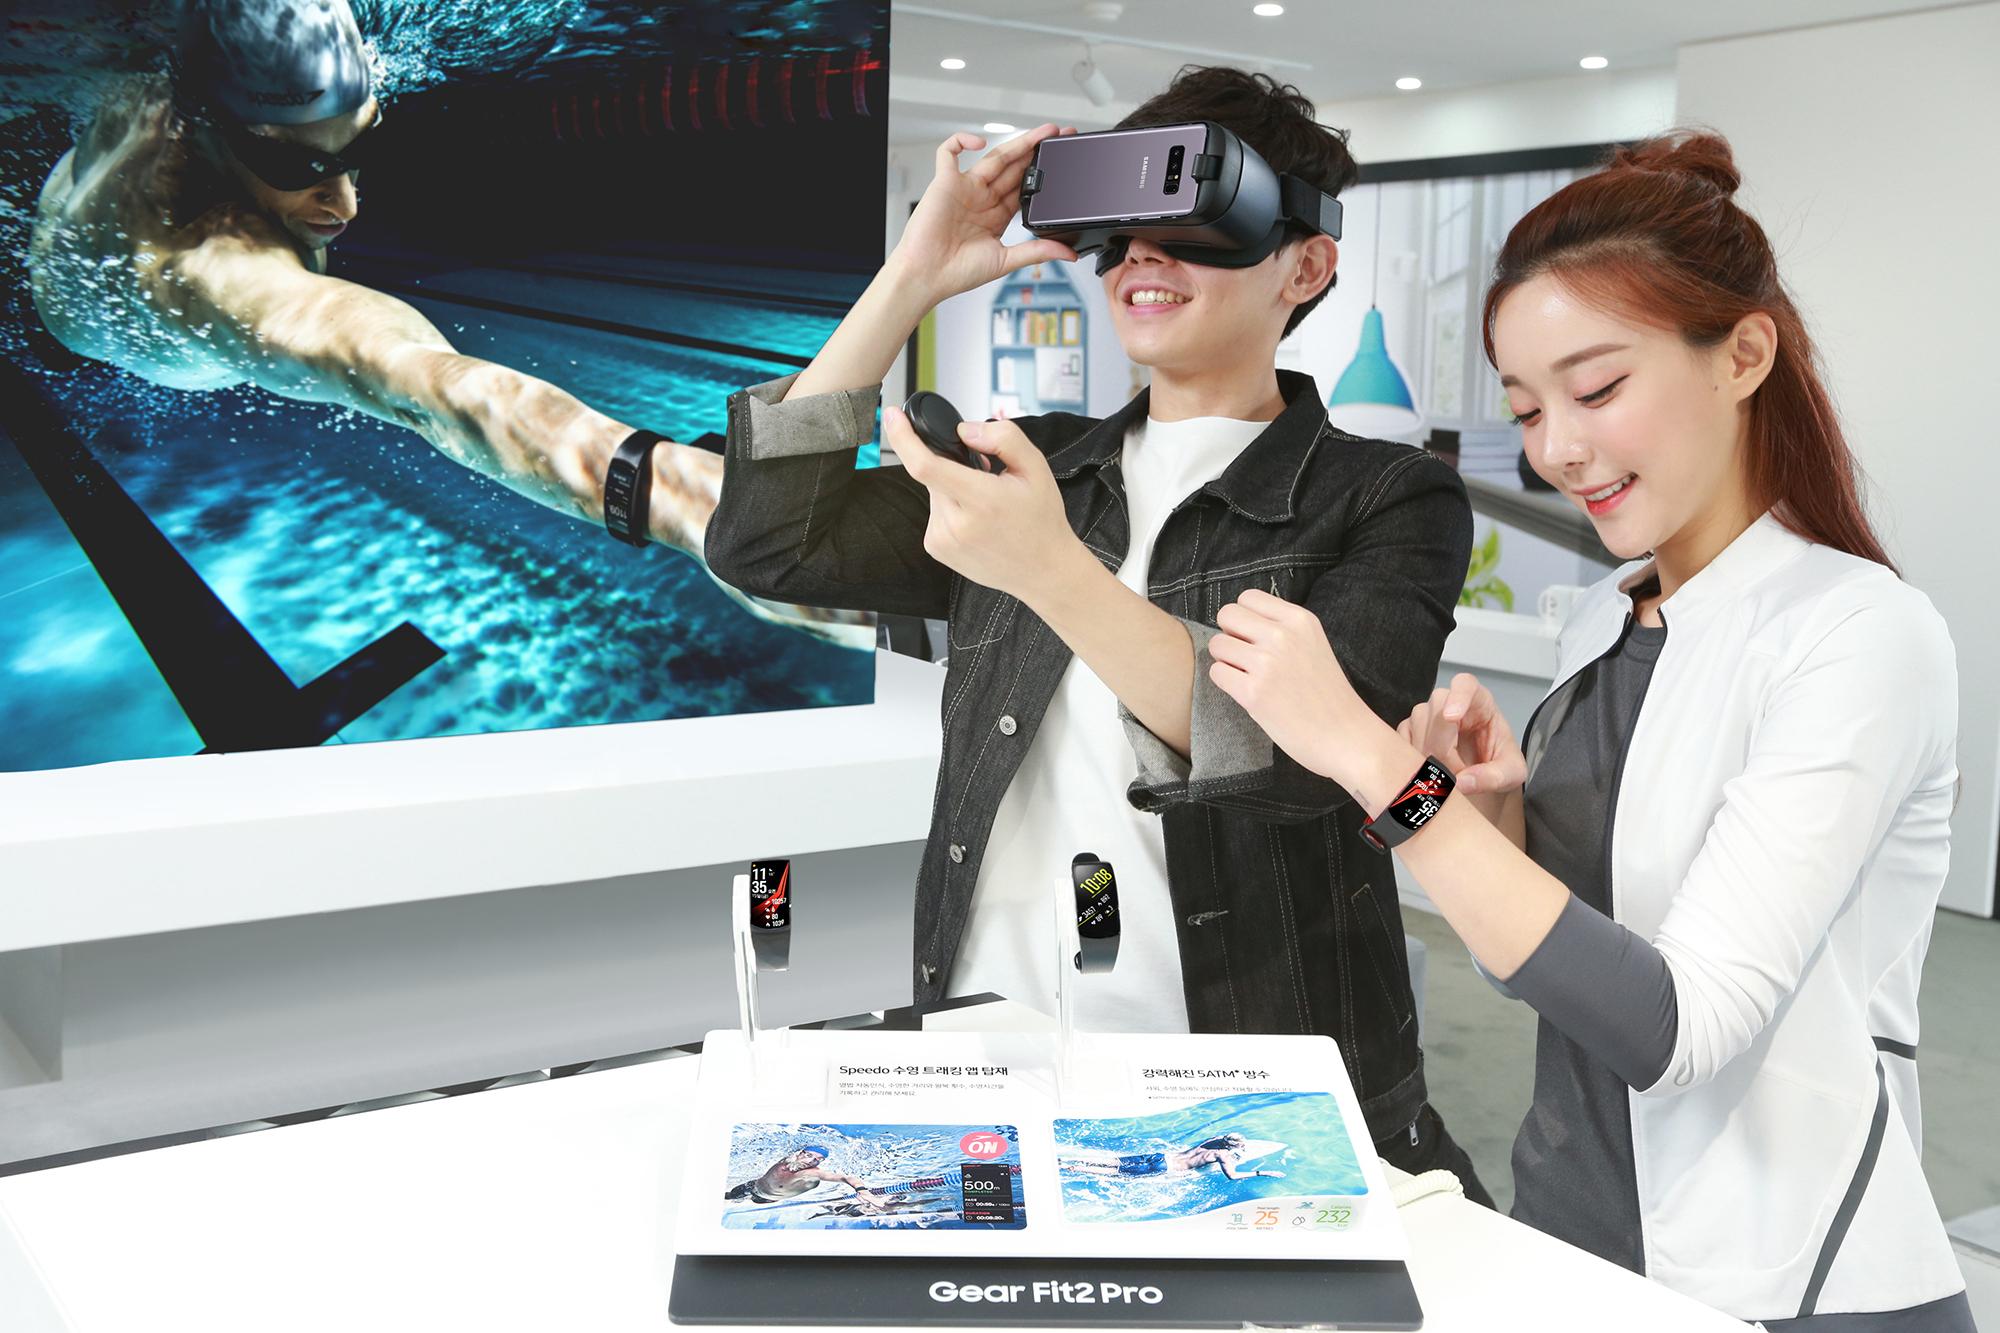 기어 제품 최초로 5ATM 방수 등급을 인증받은 GPS 피트니스 밴드 '기어 핏2 프로'와 신형 가상현실기기 '기어 VR with Controller'를 소개하고 있는 모습